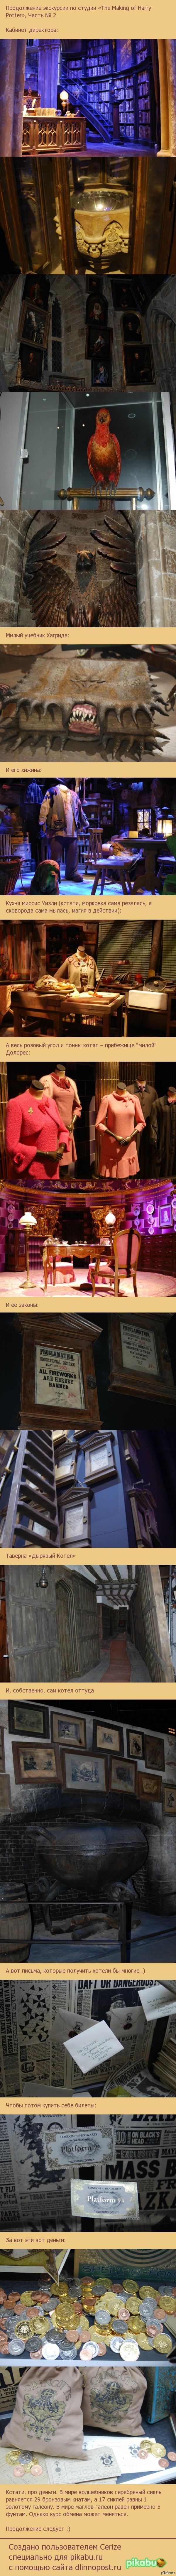 """Студия """"The Making of Harry Potter"""", Часть №2 Ссылка на Часть №1: <a href=""""http://pikabu.ru/story/studiya_quotthe_making_of_harry_potterquot_chast_1_2209786"""">http://pikabu.ru/story/_2209786</a>"""